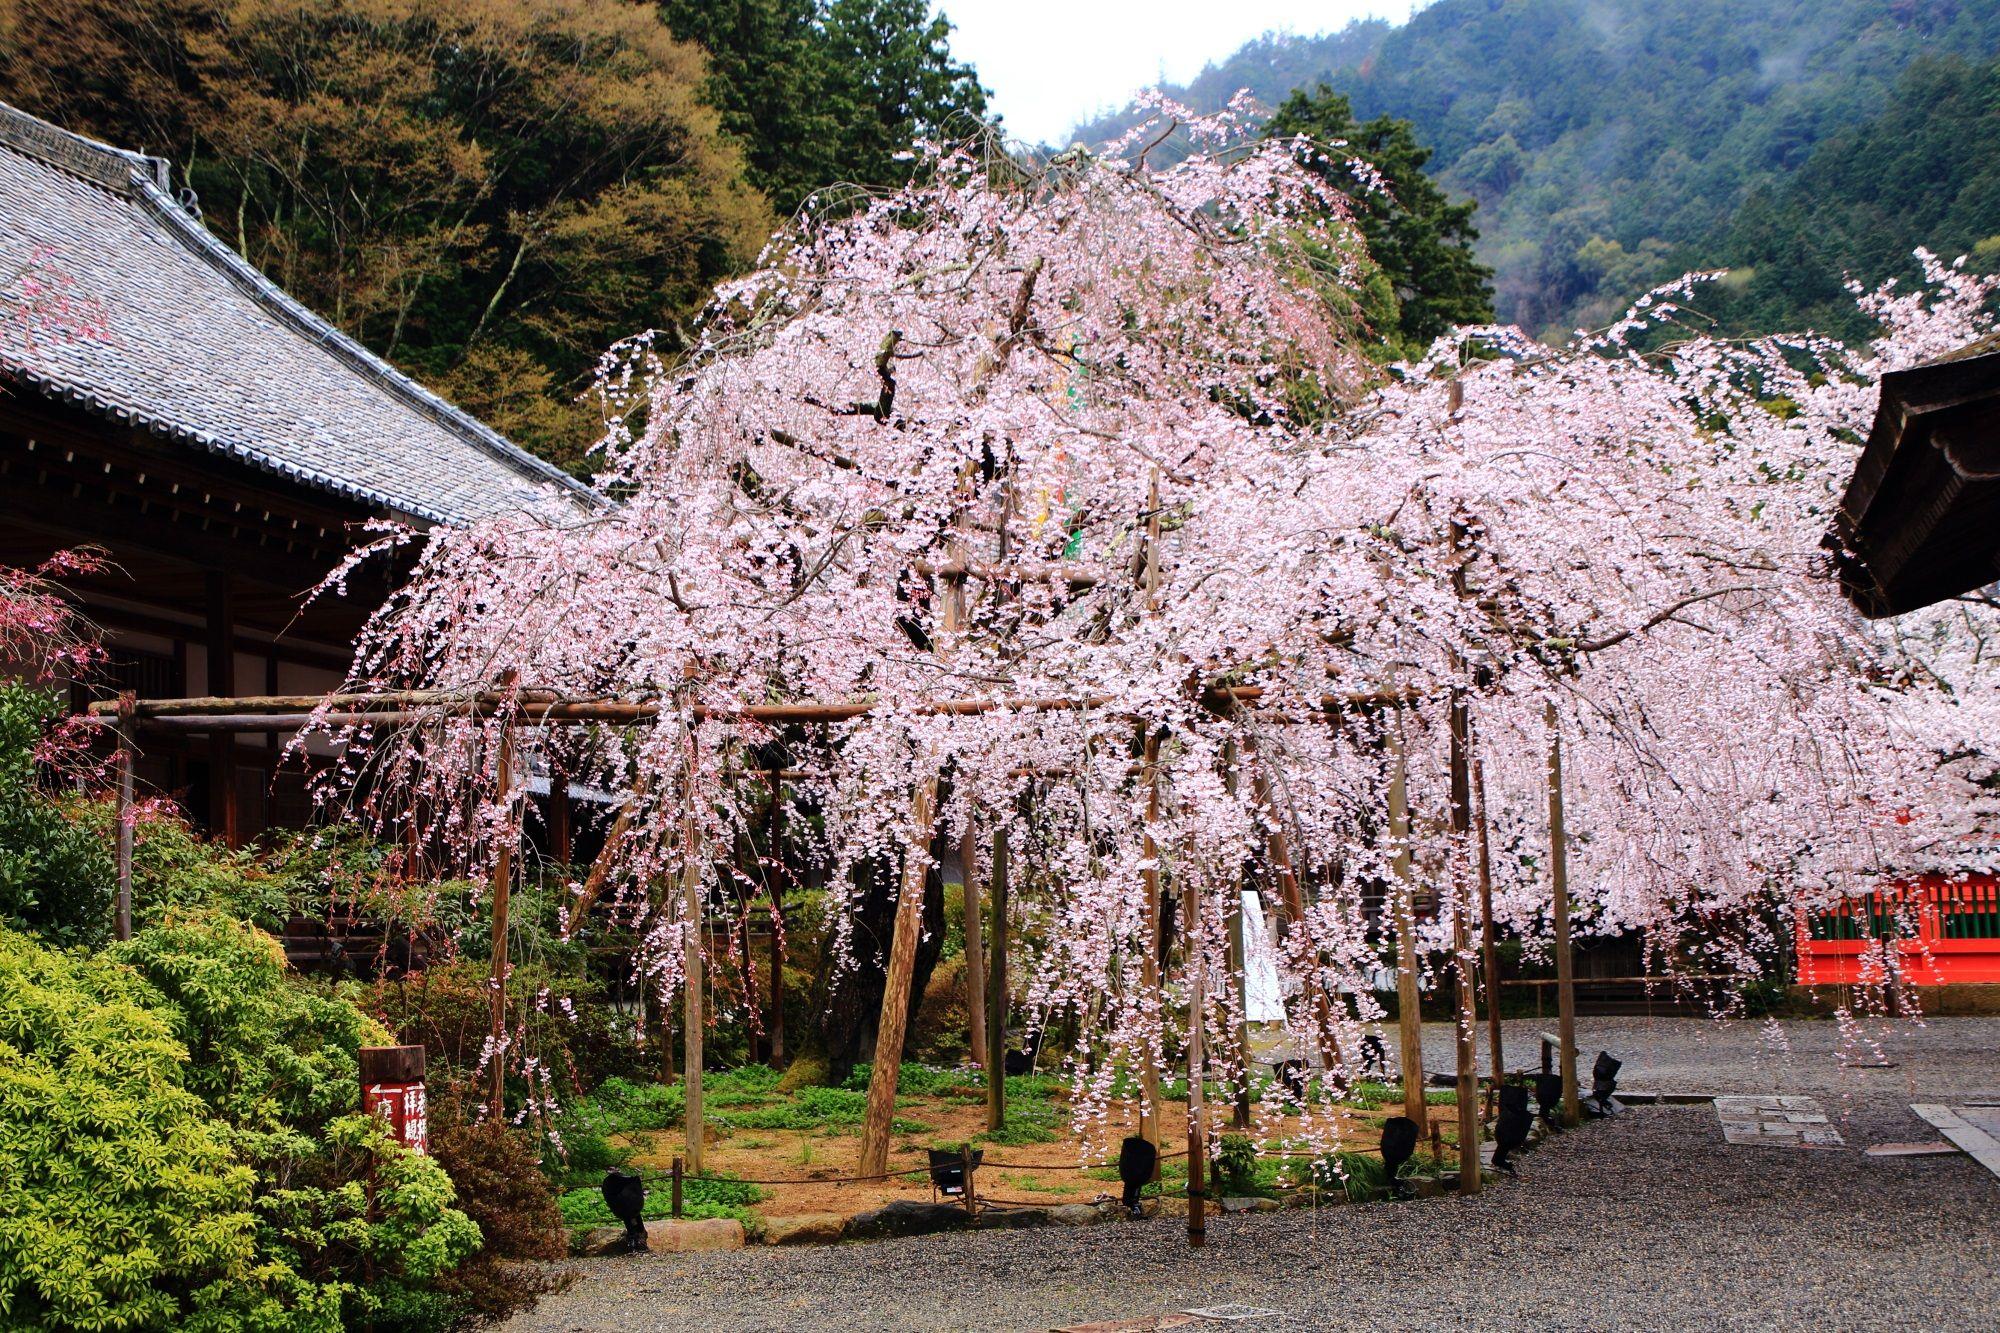 毘沙門堂 桜 京都の古刹の可憐なしだれ桜